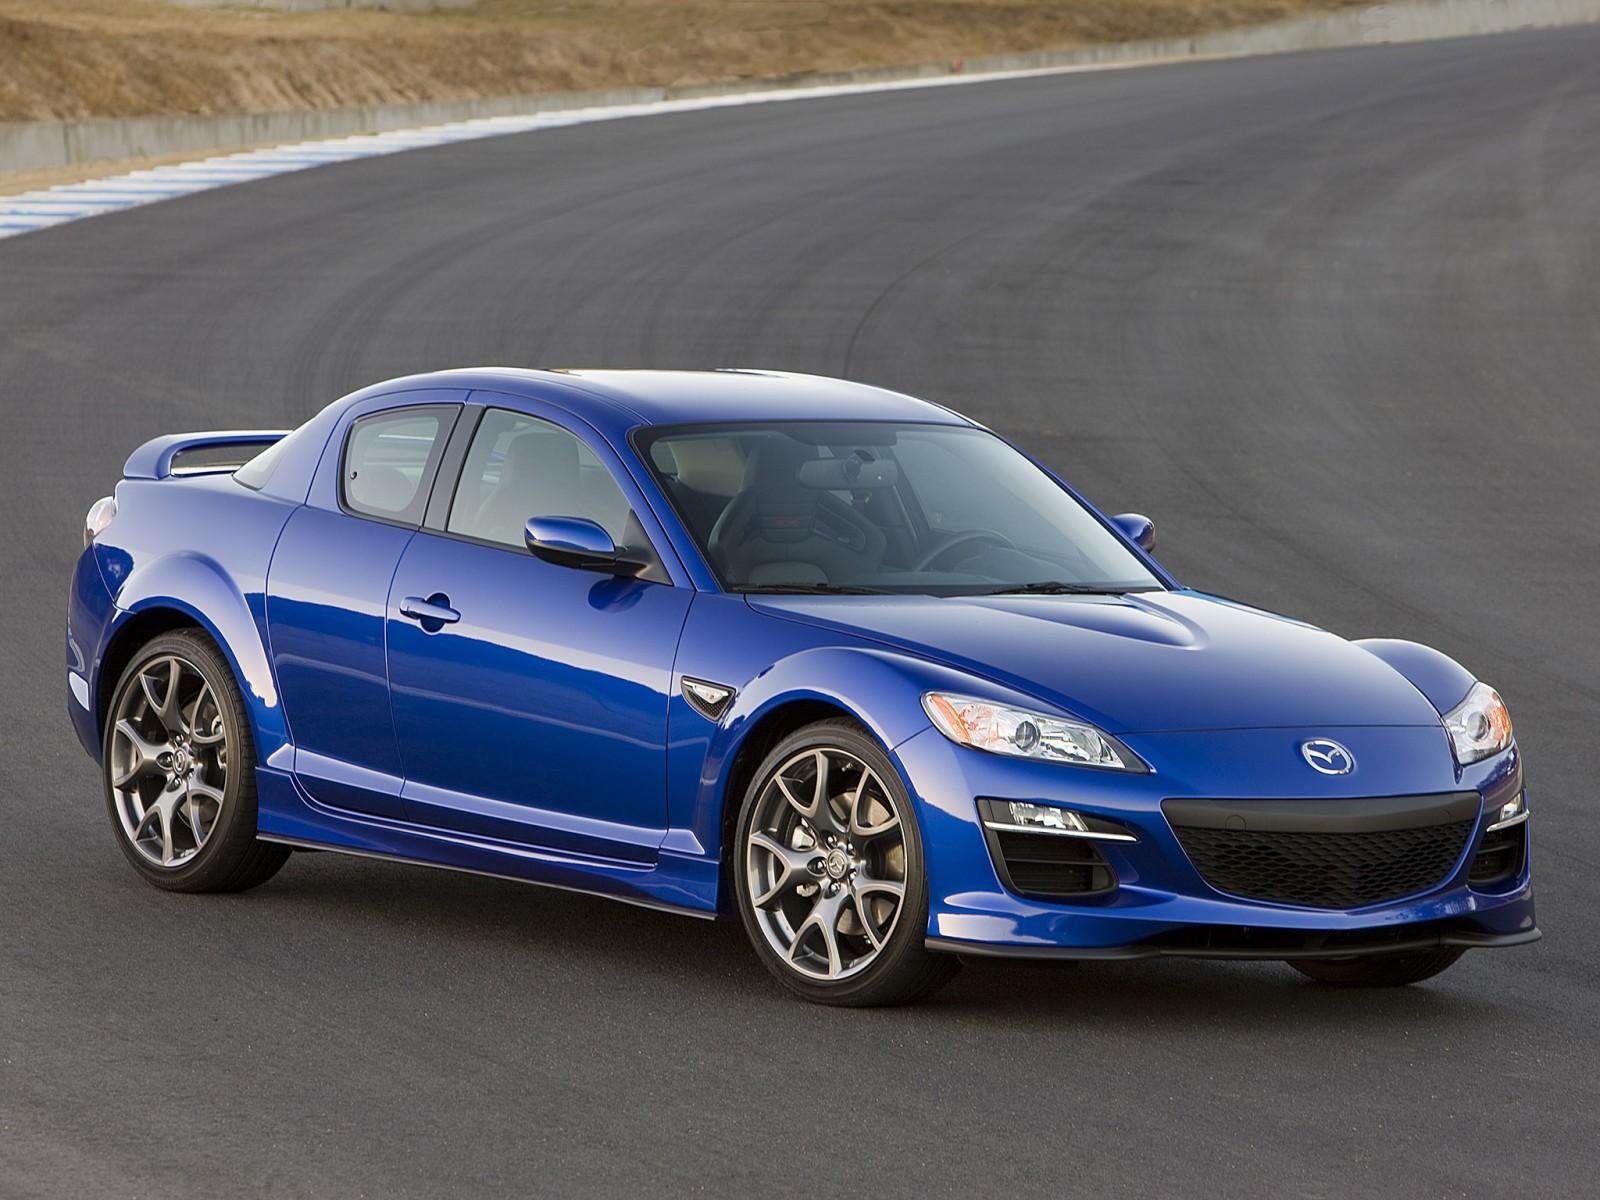 Mazda Rx 8 Picture 59572 Mazda Photo Gallery Carsbase Com